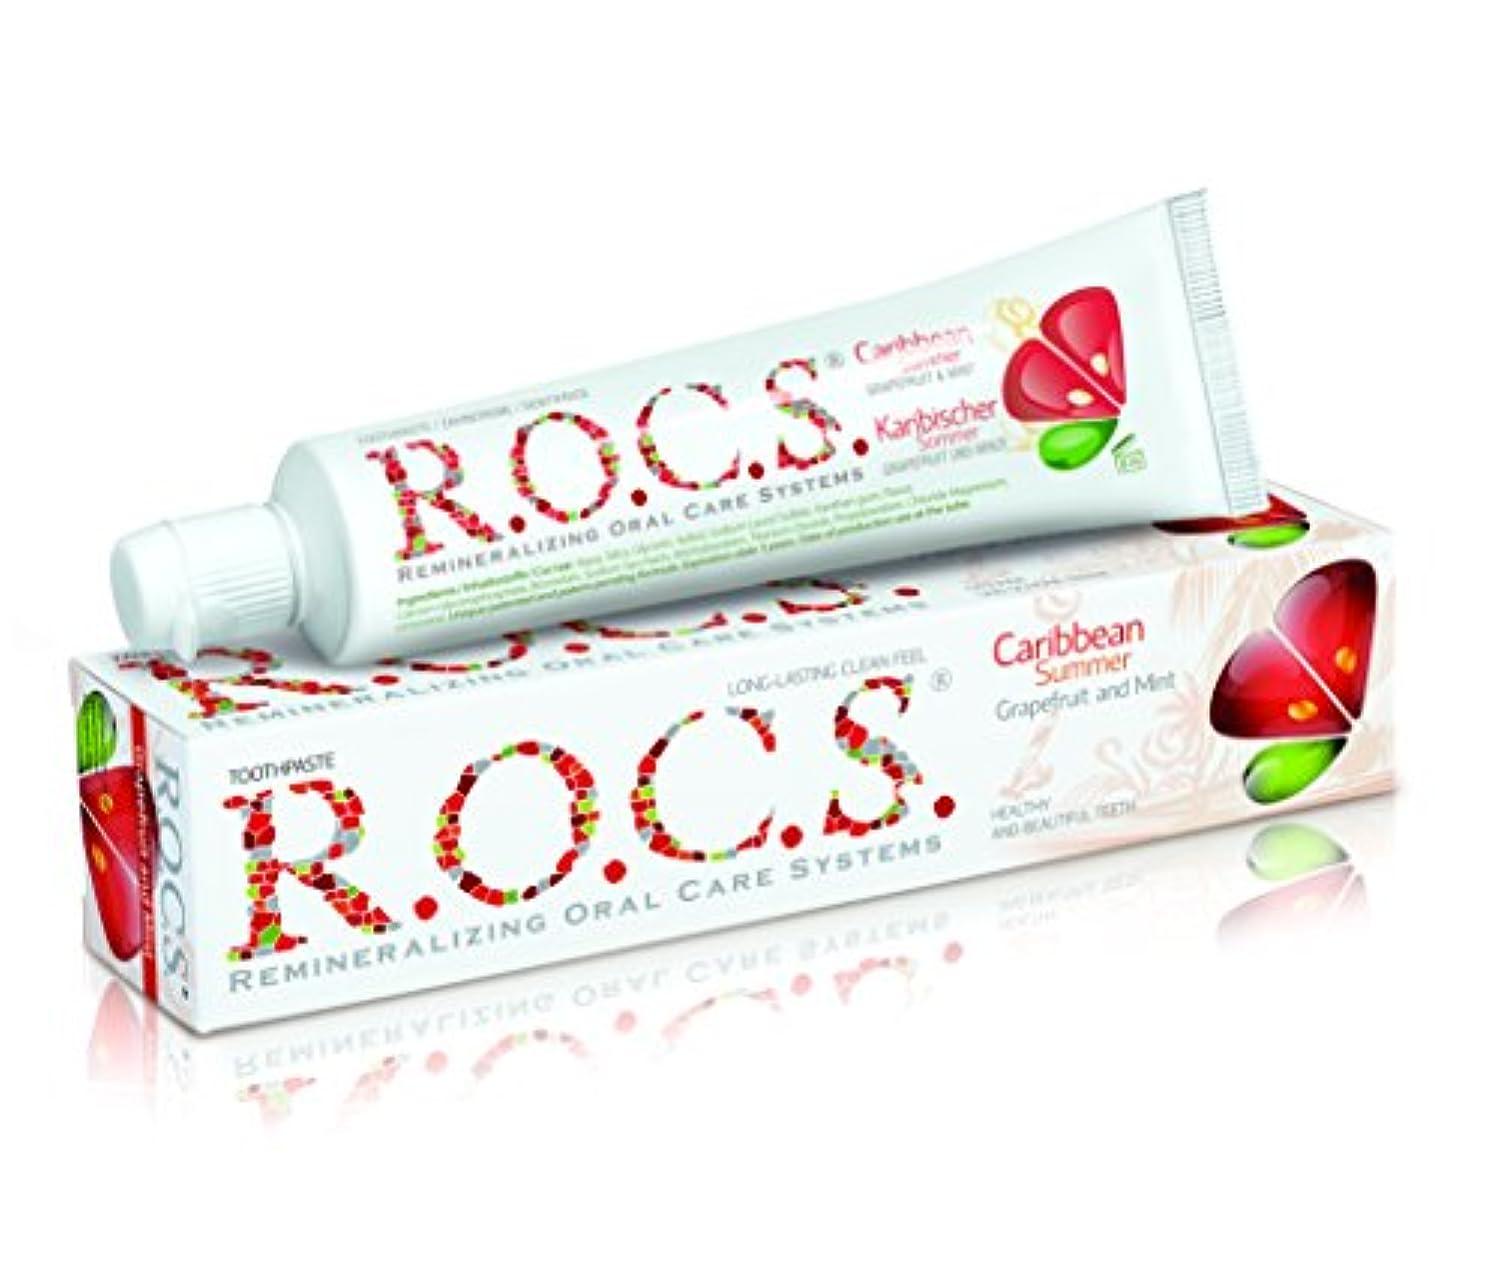 従事する広くバケツR.O.C.S. ロックス歯磨き粉 グレープフルーツ&ミント